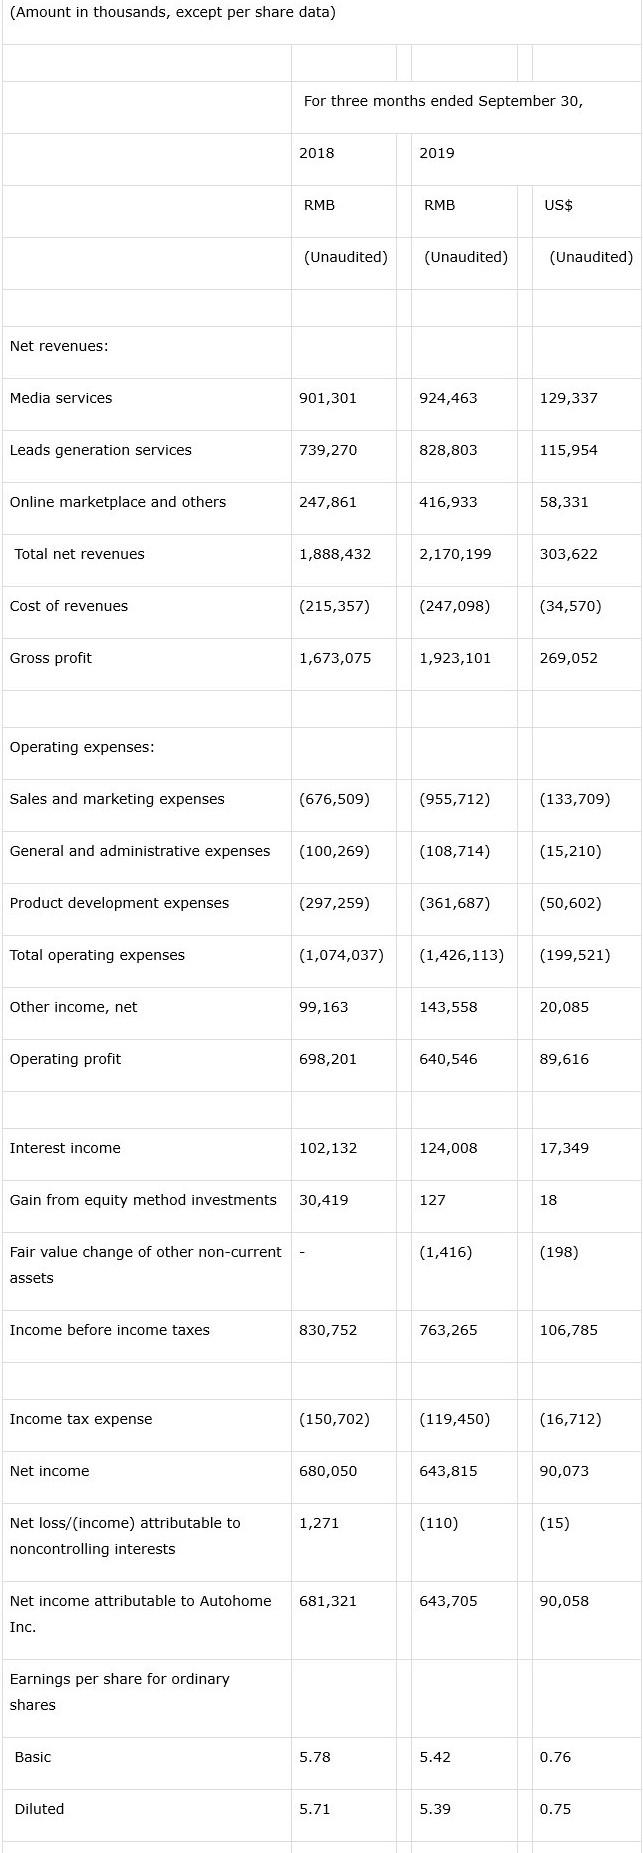 汽车之家(ATHM)Q3净利润6.43亿元人民币,同比降低6%